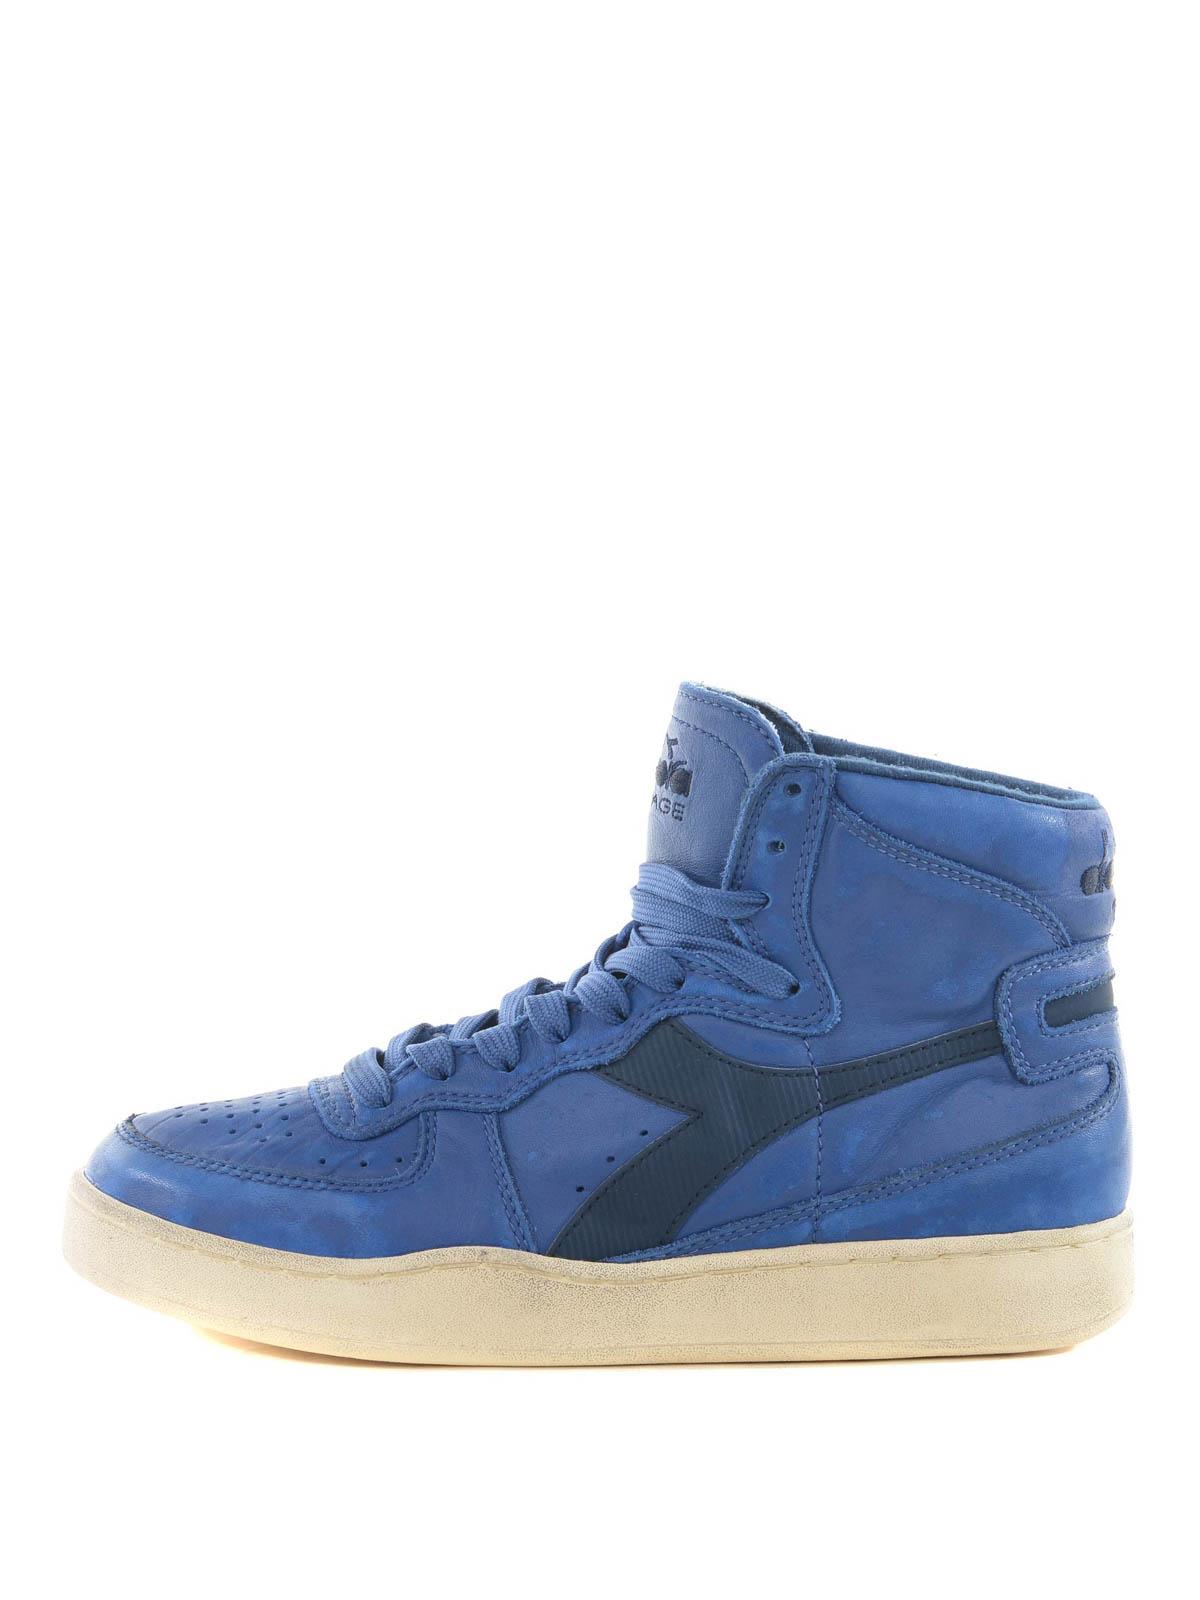 Diadora Heritage - Sneaker Fur Herren - Blau - Sneaker - 158569 C5786 884e1a8d09